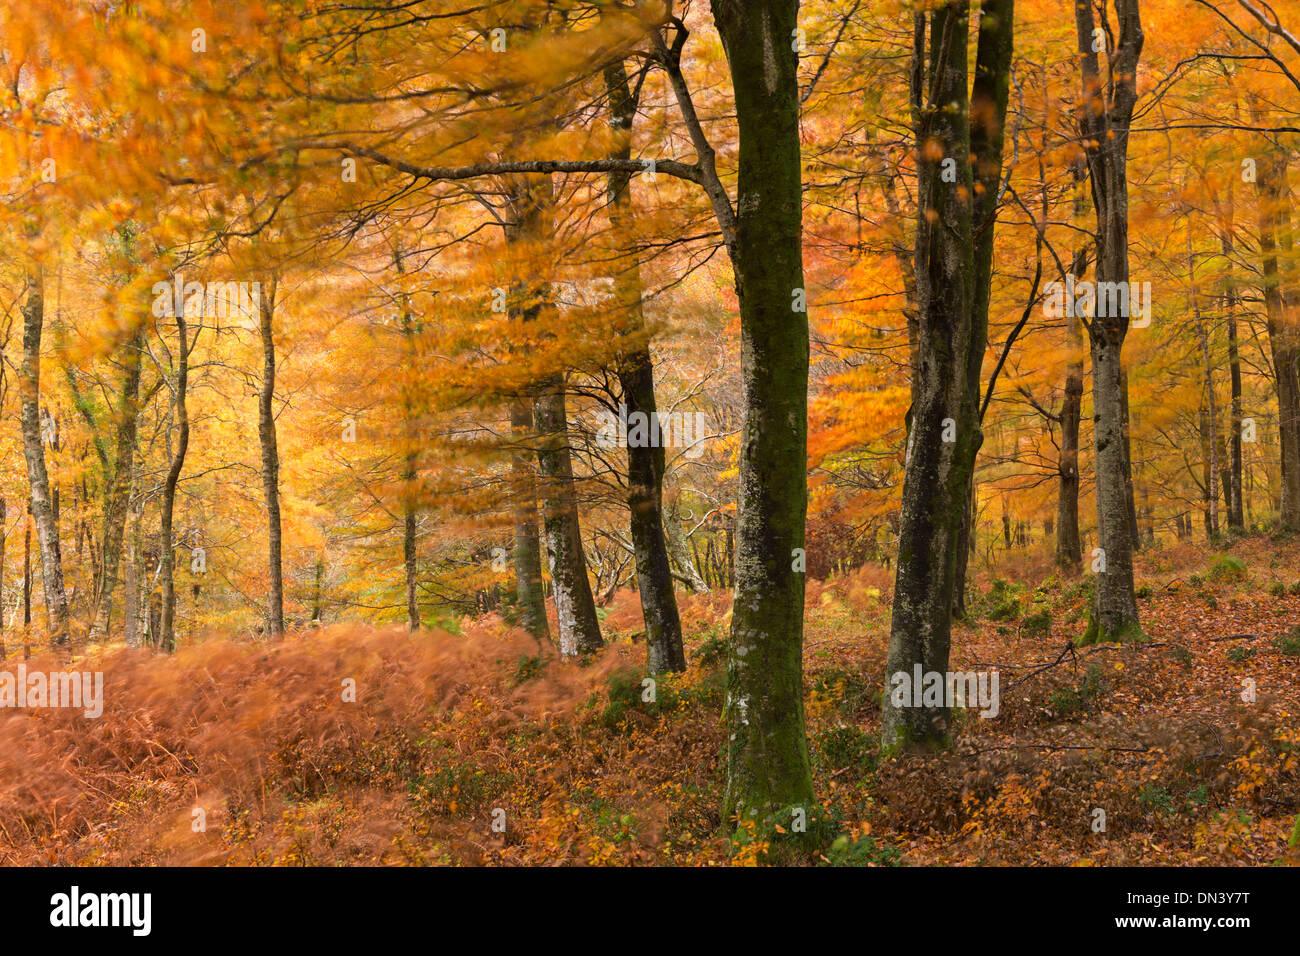 Couleurs d'automne dans les forêts, Exmoor National Park, Devon, Angleterre. L'automne (novembre) 2013. Photo Stock